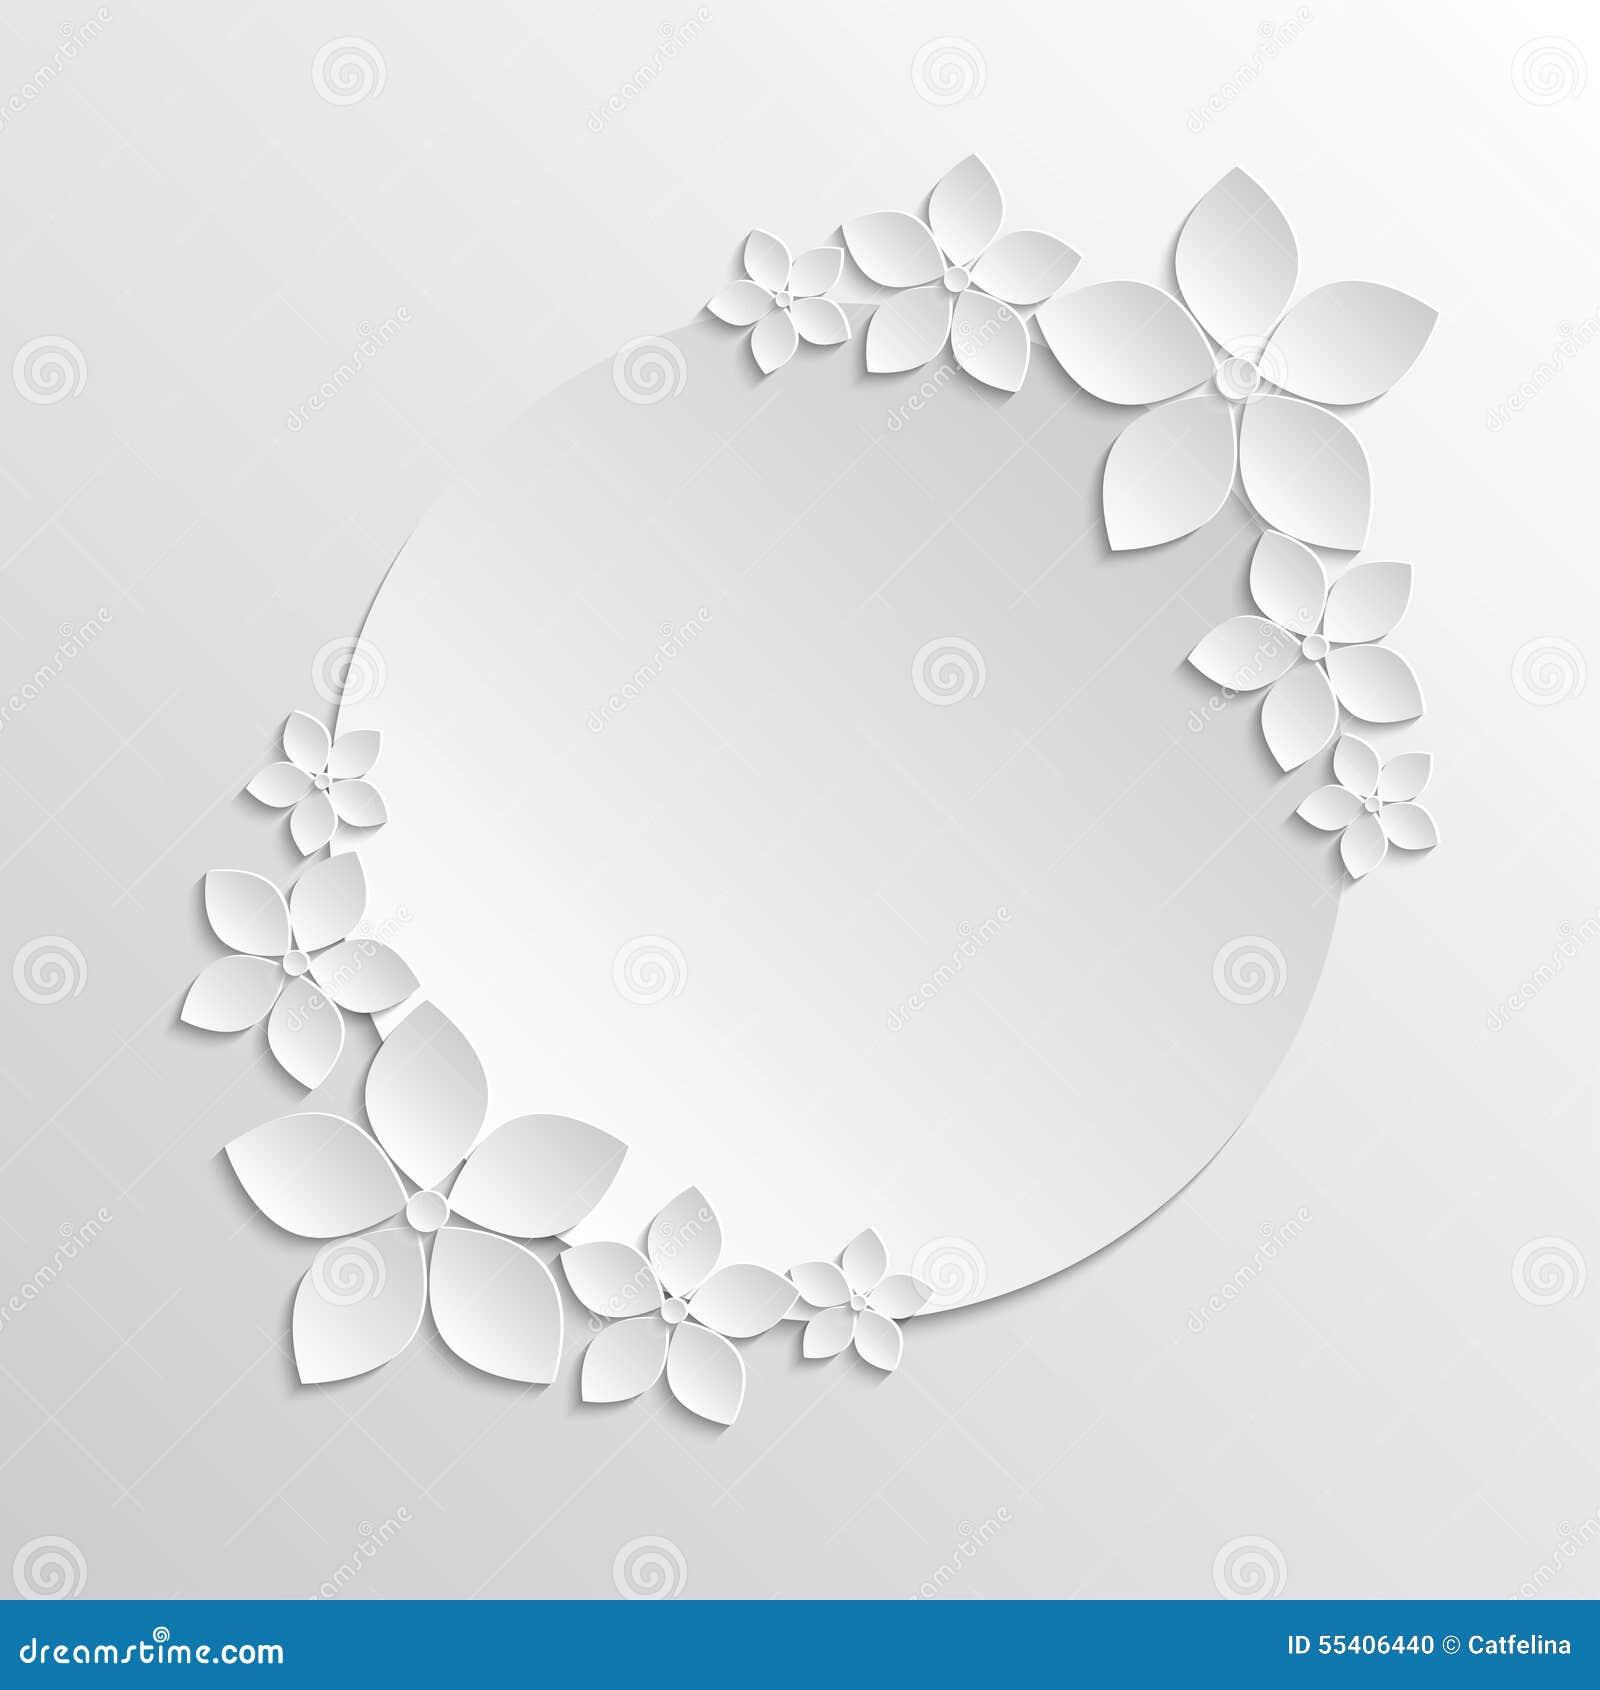 Molde De Papel Do Crachá Com As Flores Brancas De Papel No